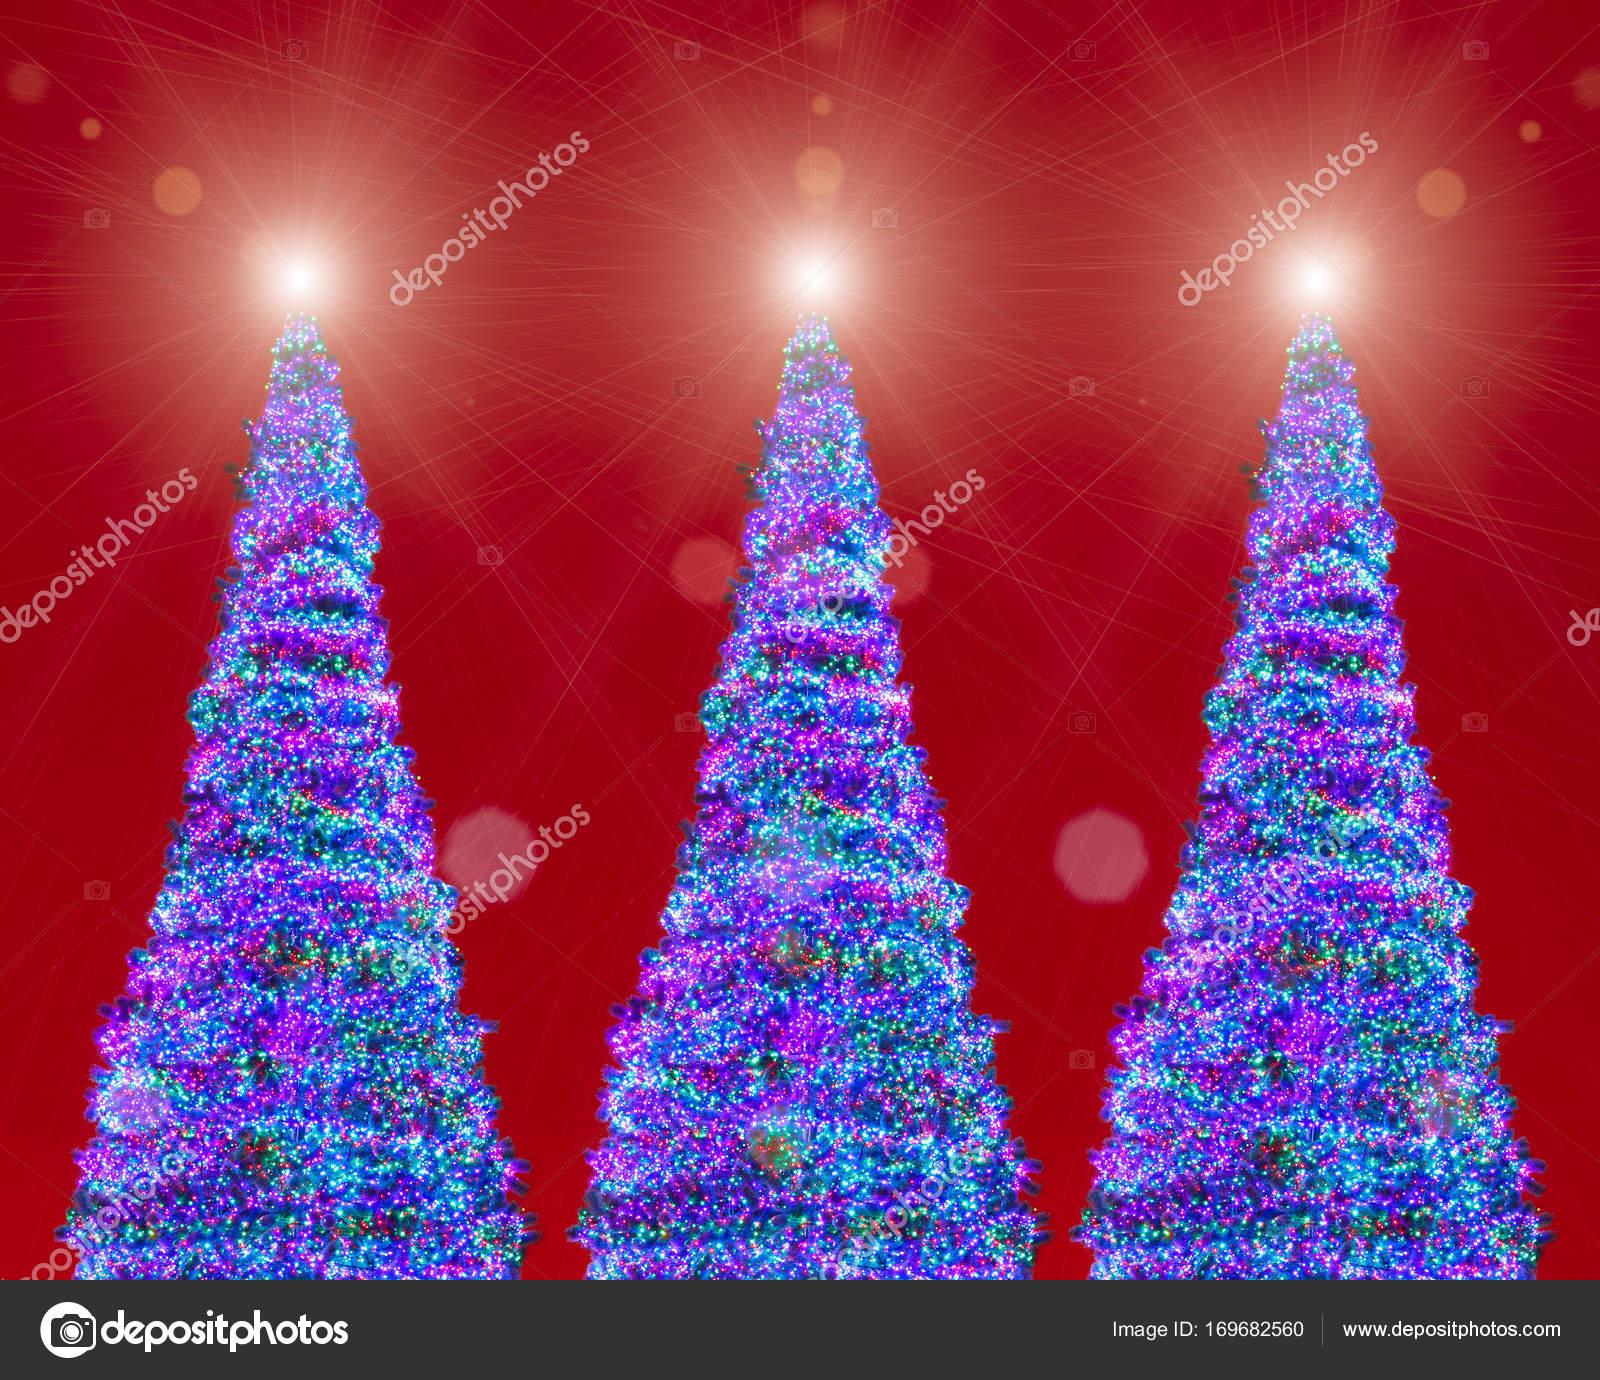 kerstbomen led verlichting rode achtergrond stockfoto